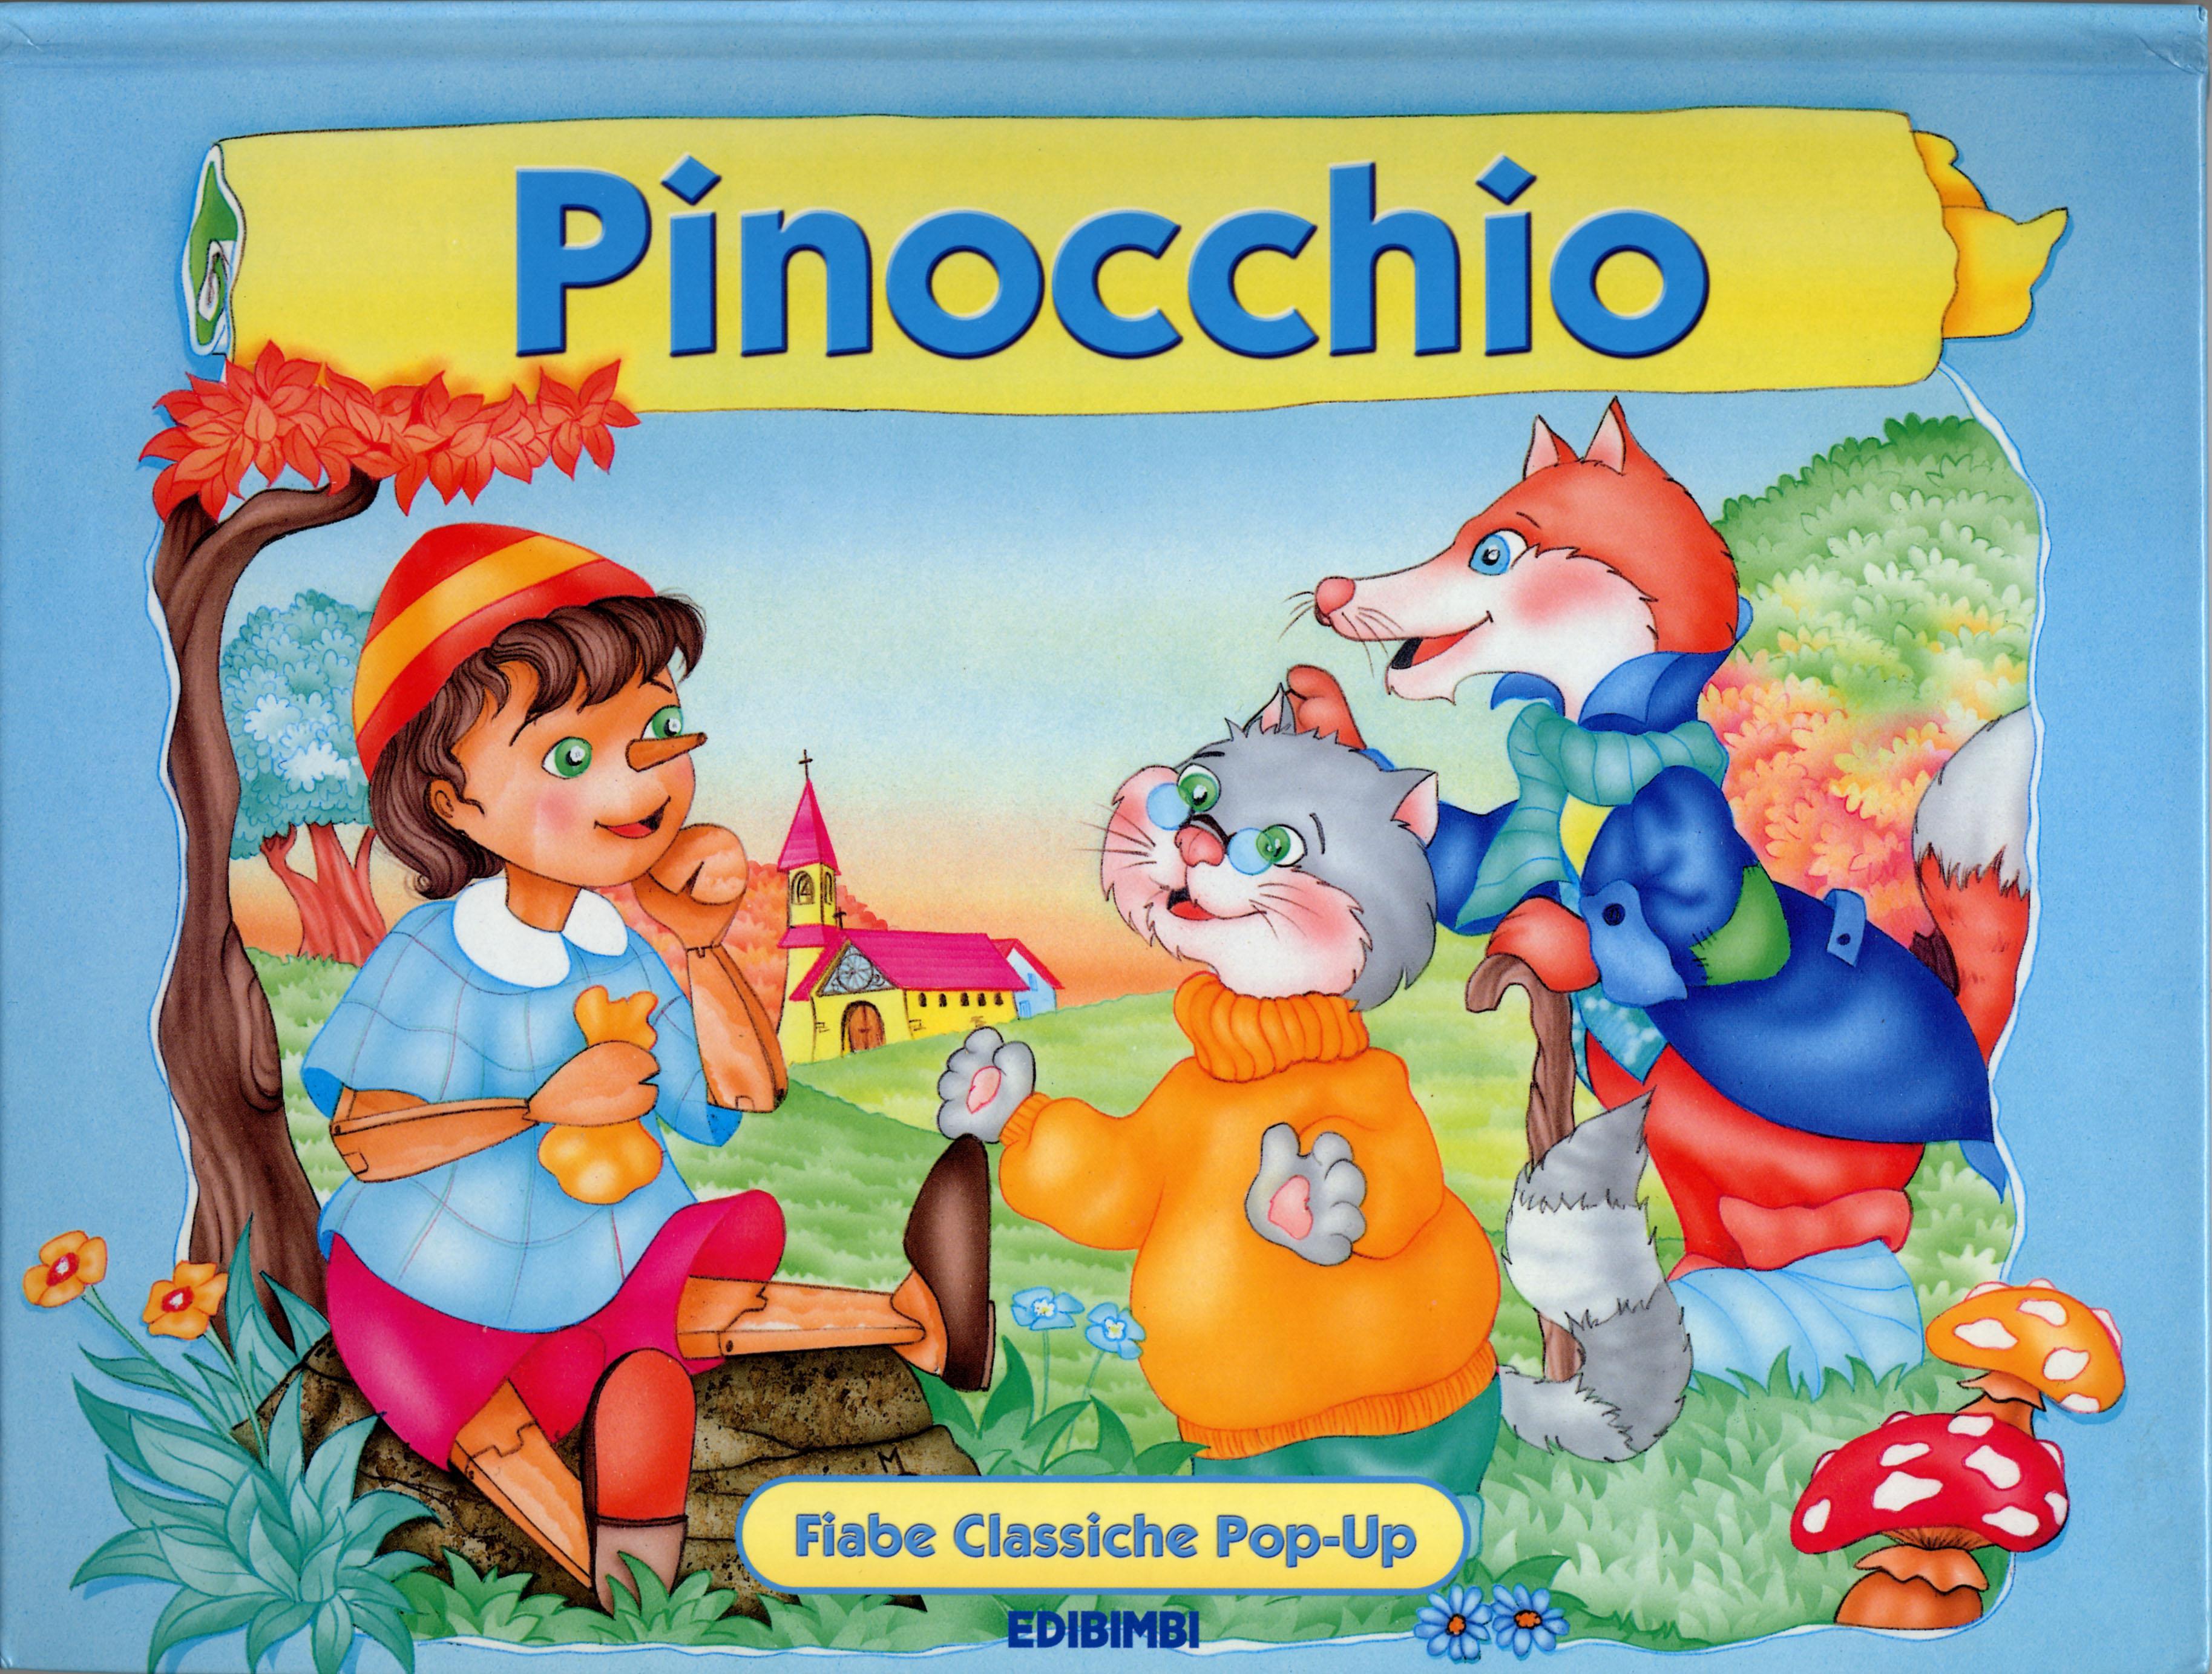 11Pinocchio2